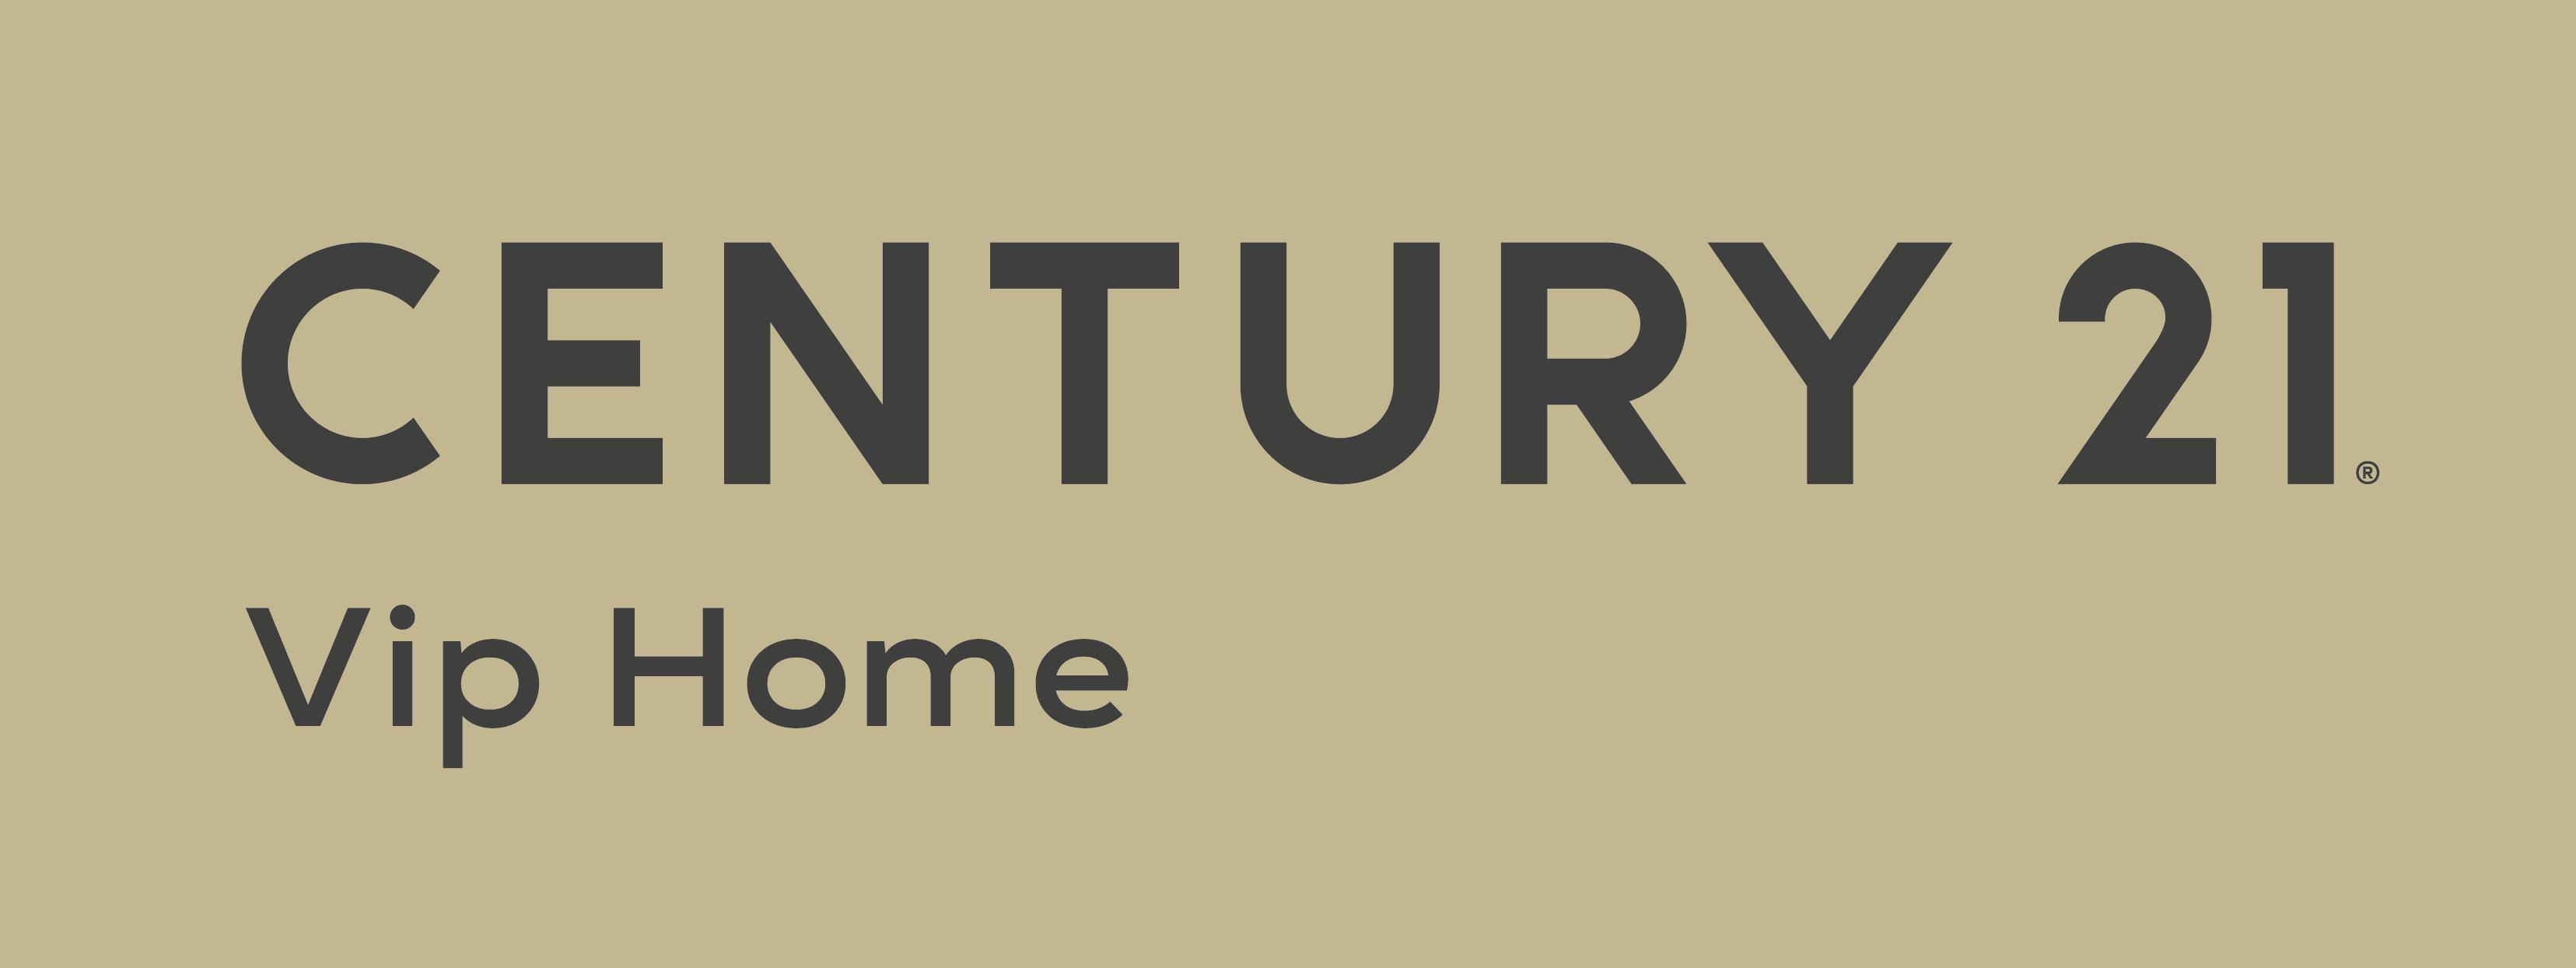 Century 21 Vip Home